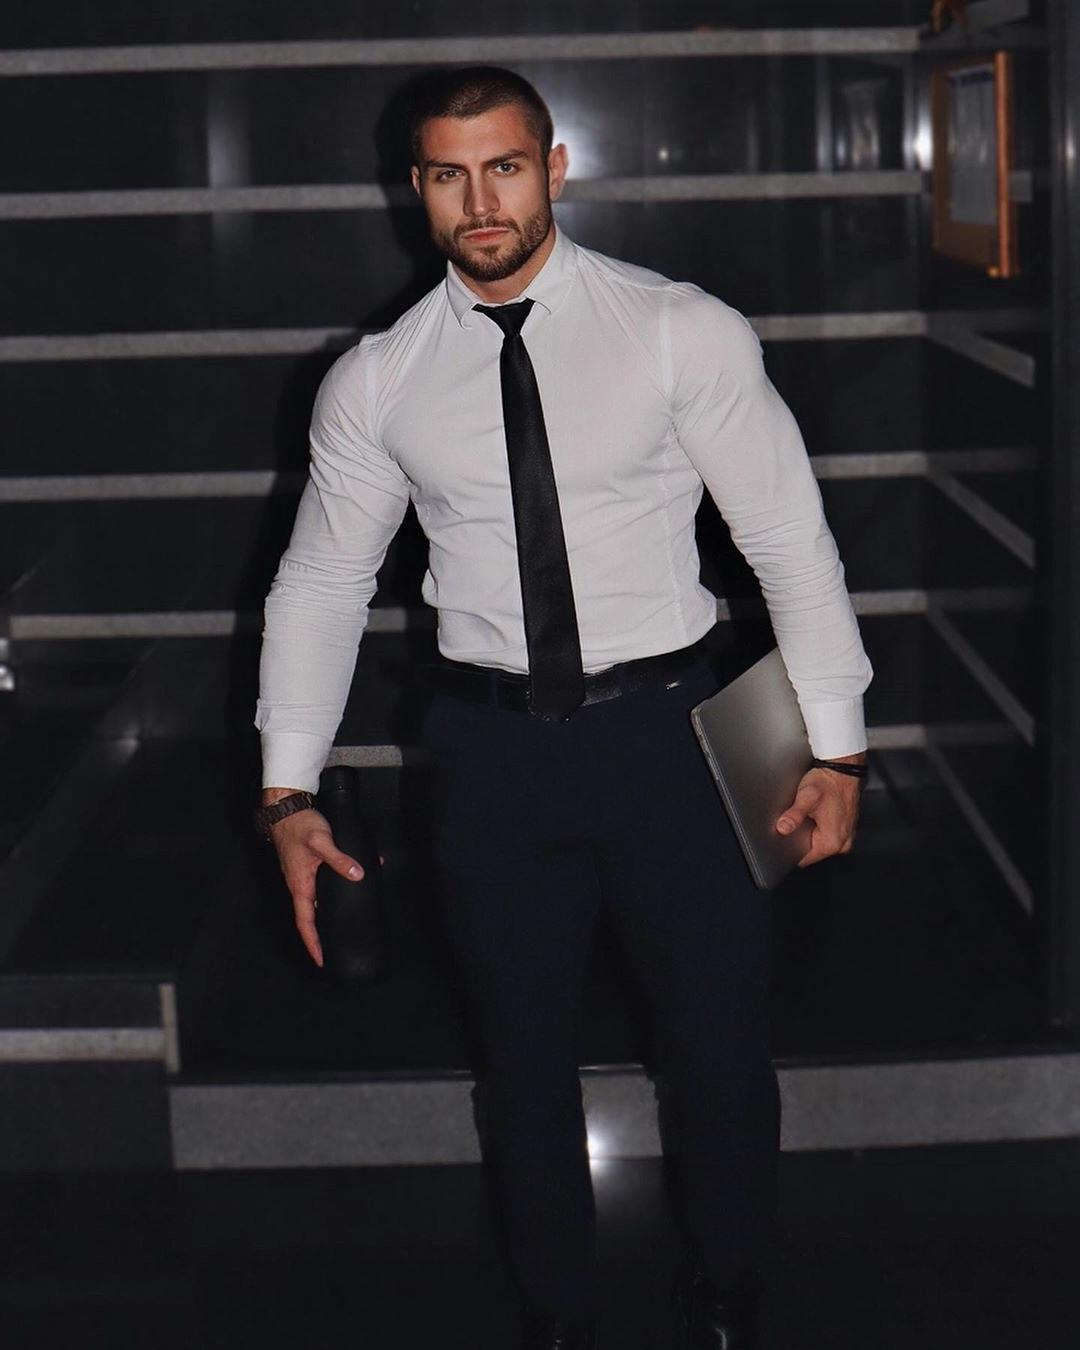 handsome-muscle-suit-business-gentleman